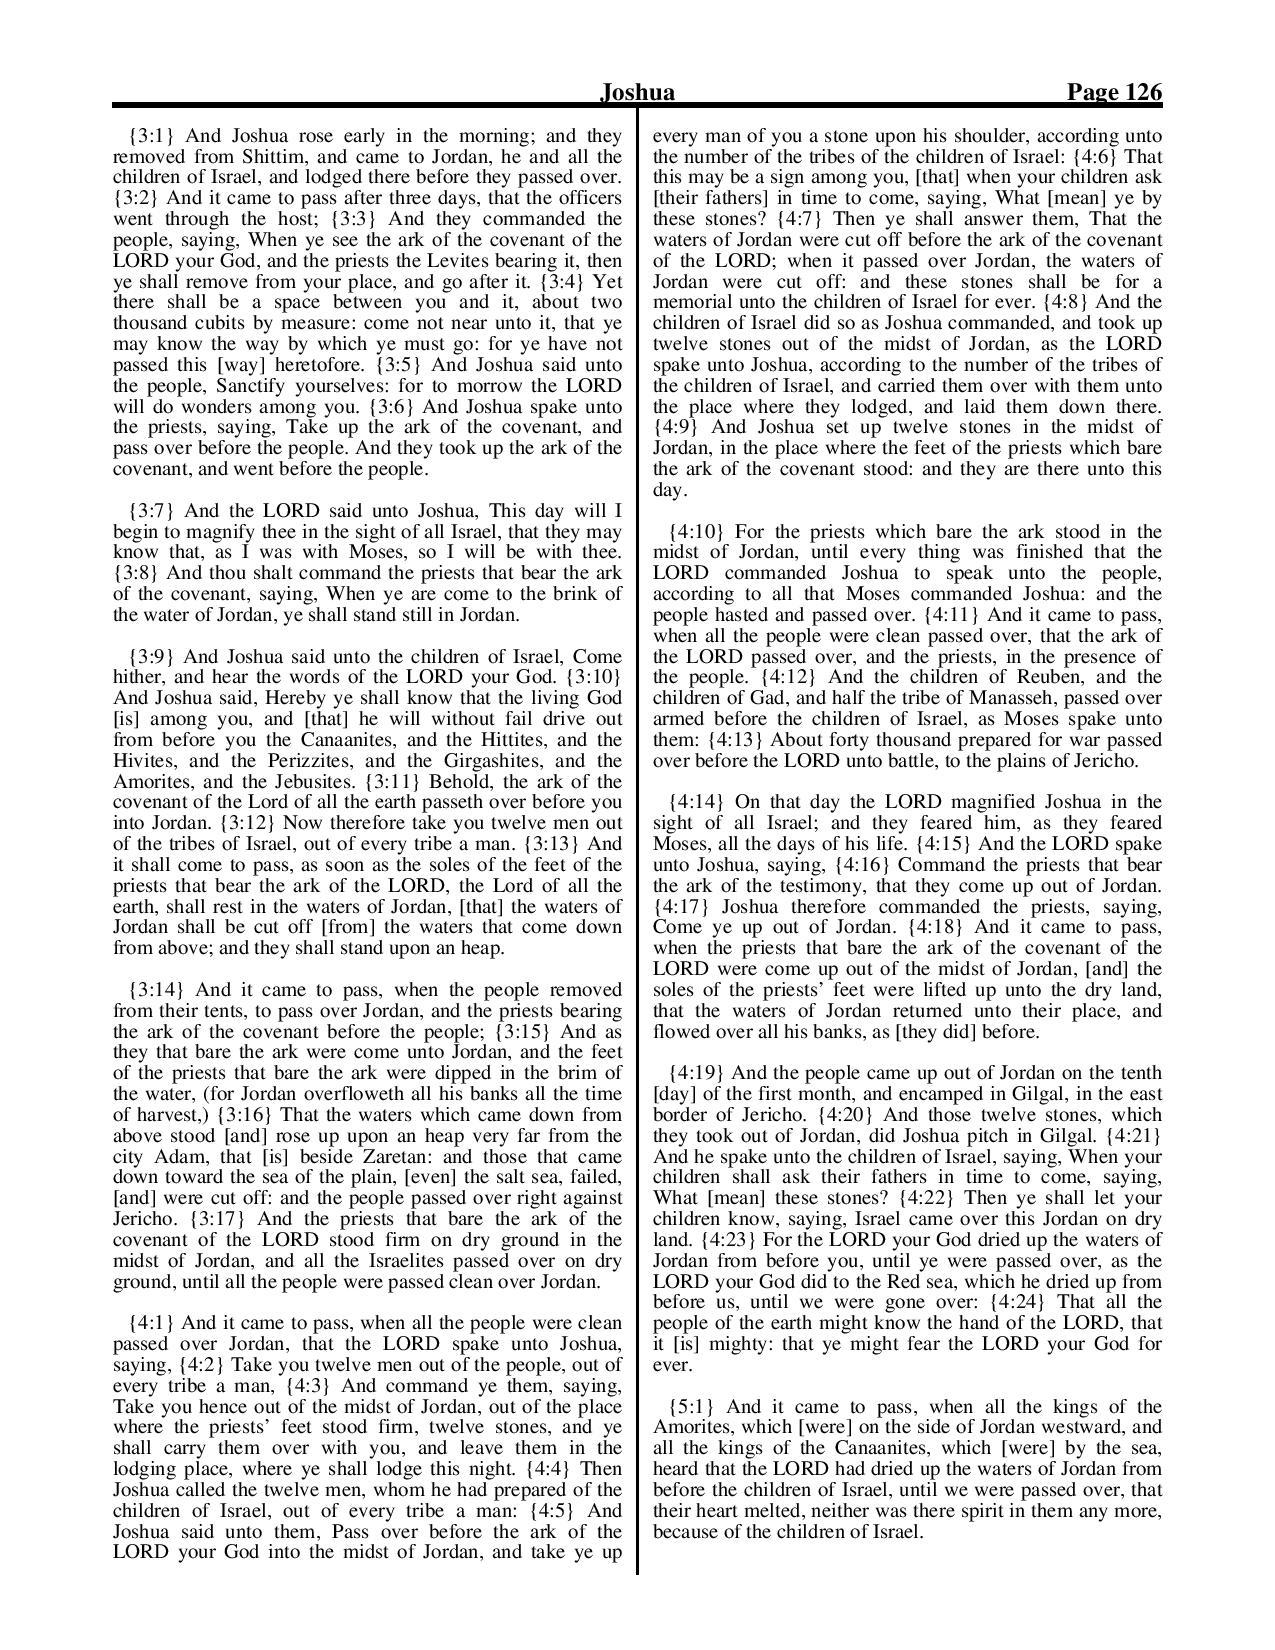 King-James-Bible-KJV-Bible-PDF-page-147